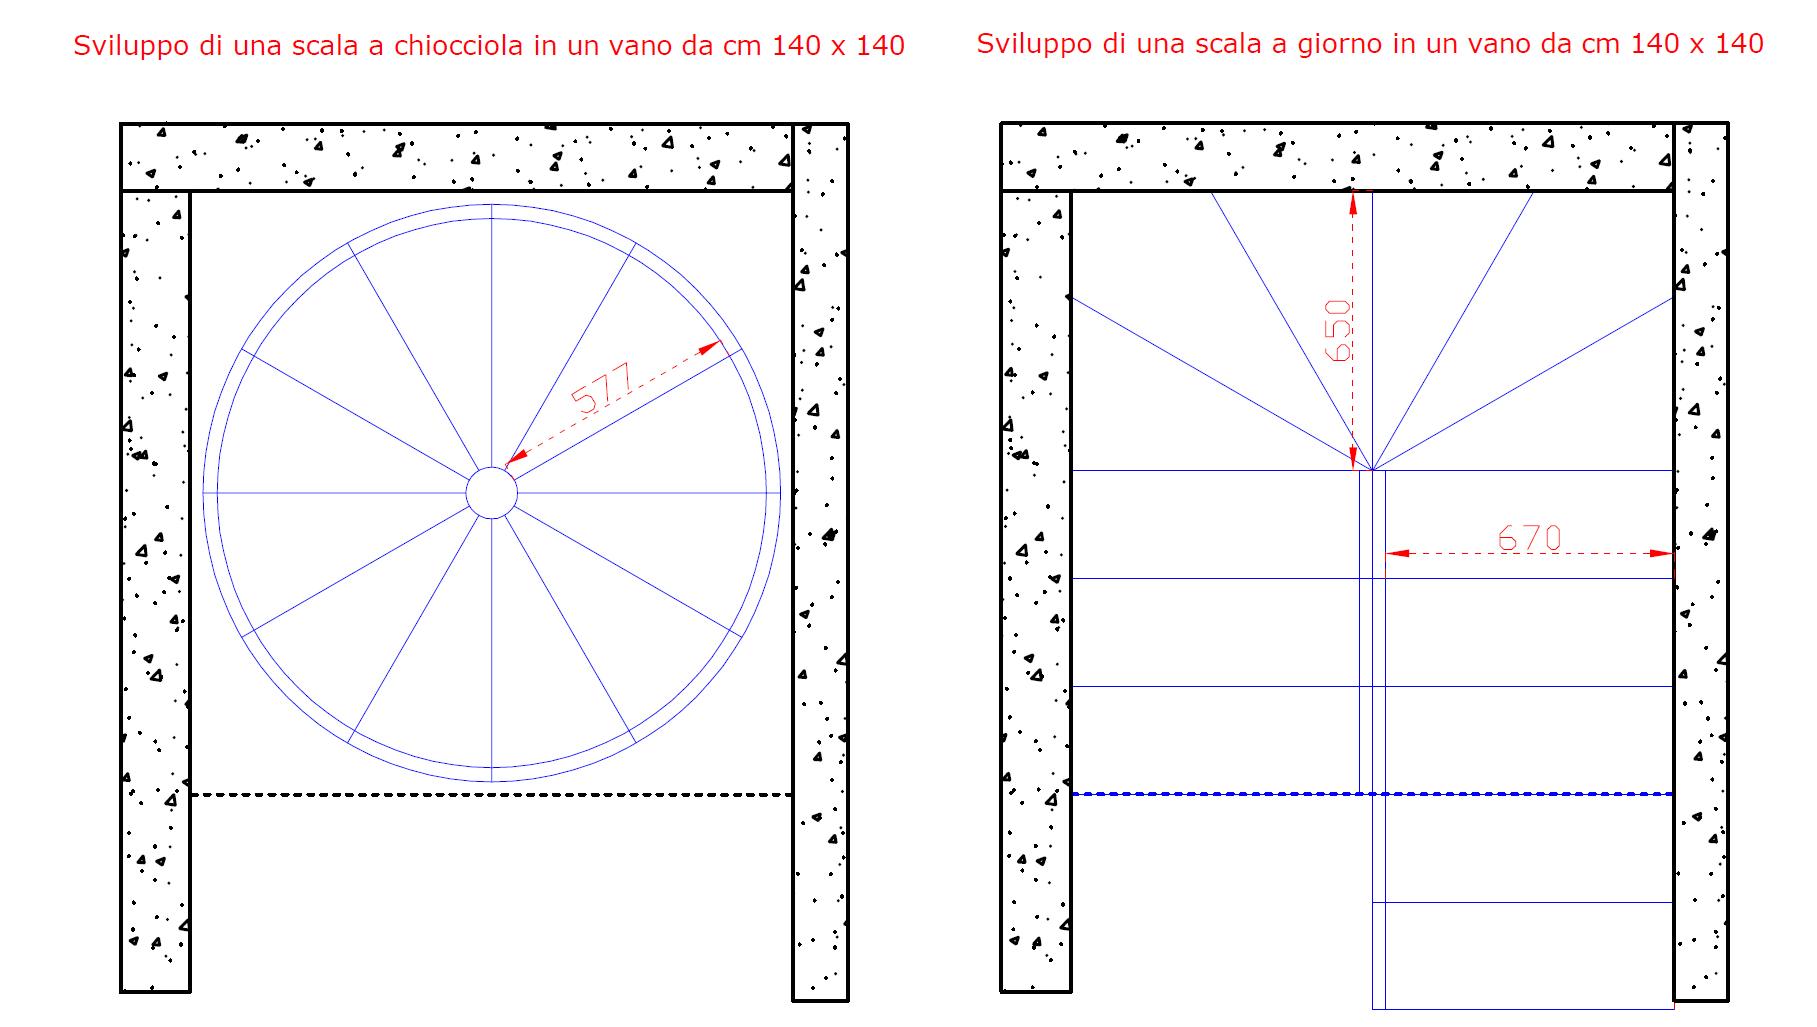 Design Scala disegno : disegno_chiocciola - Il Blog di Roversi Scale